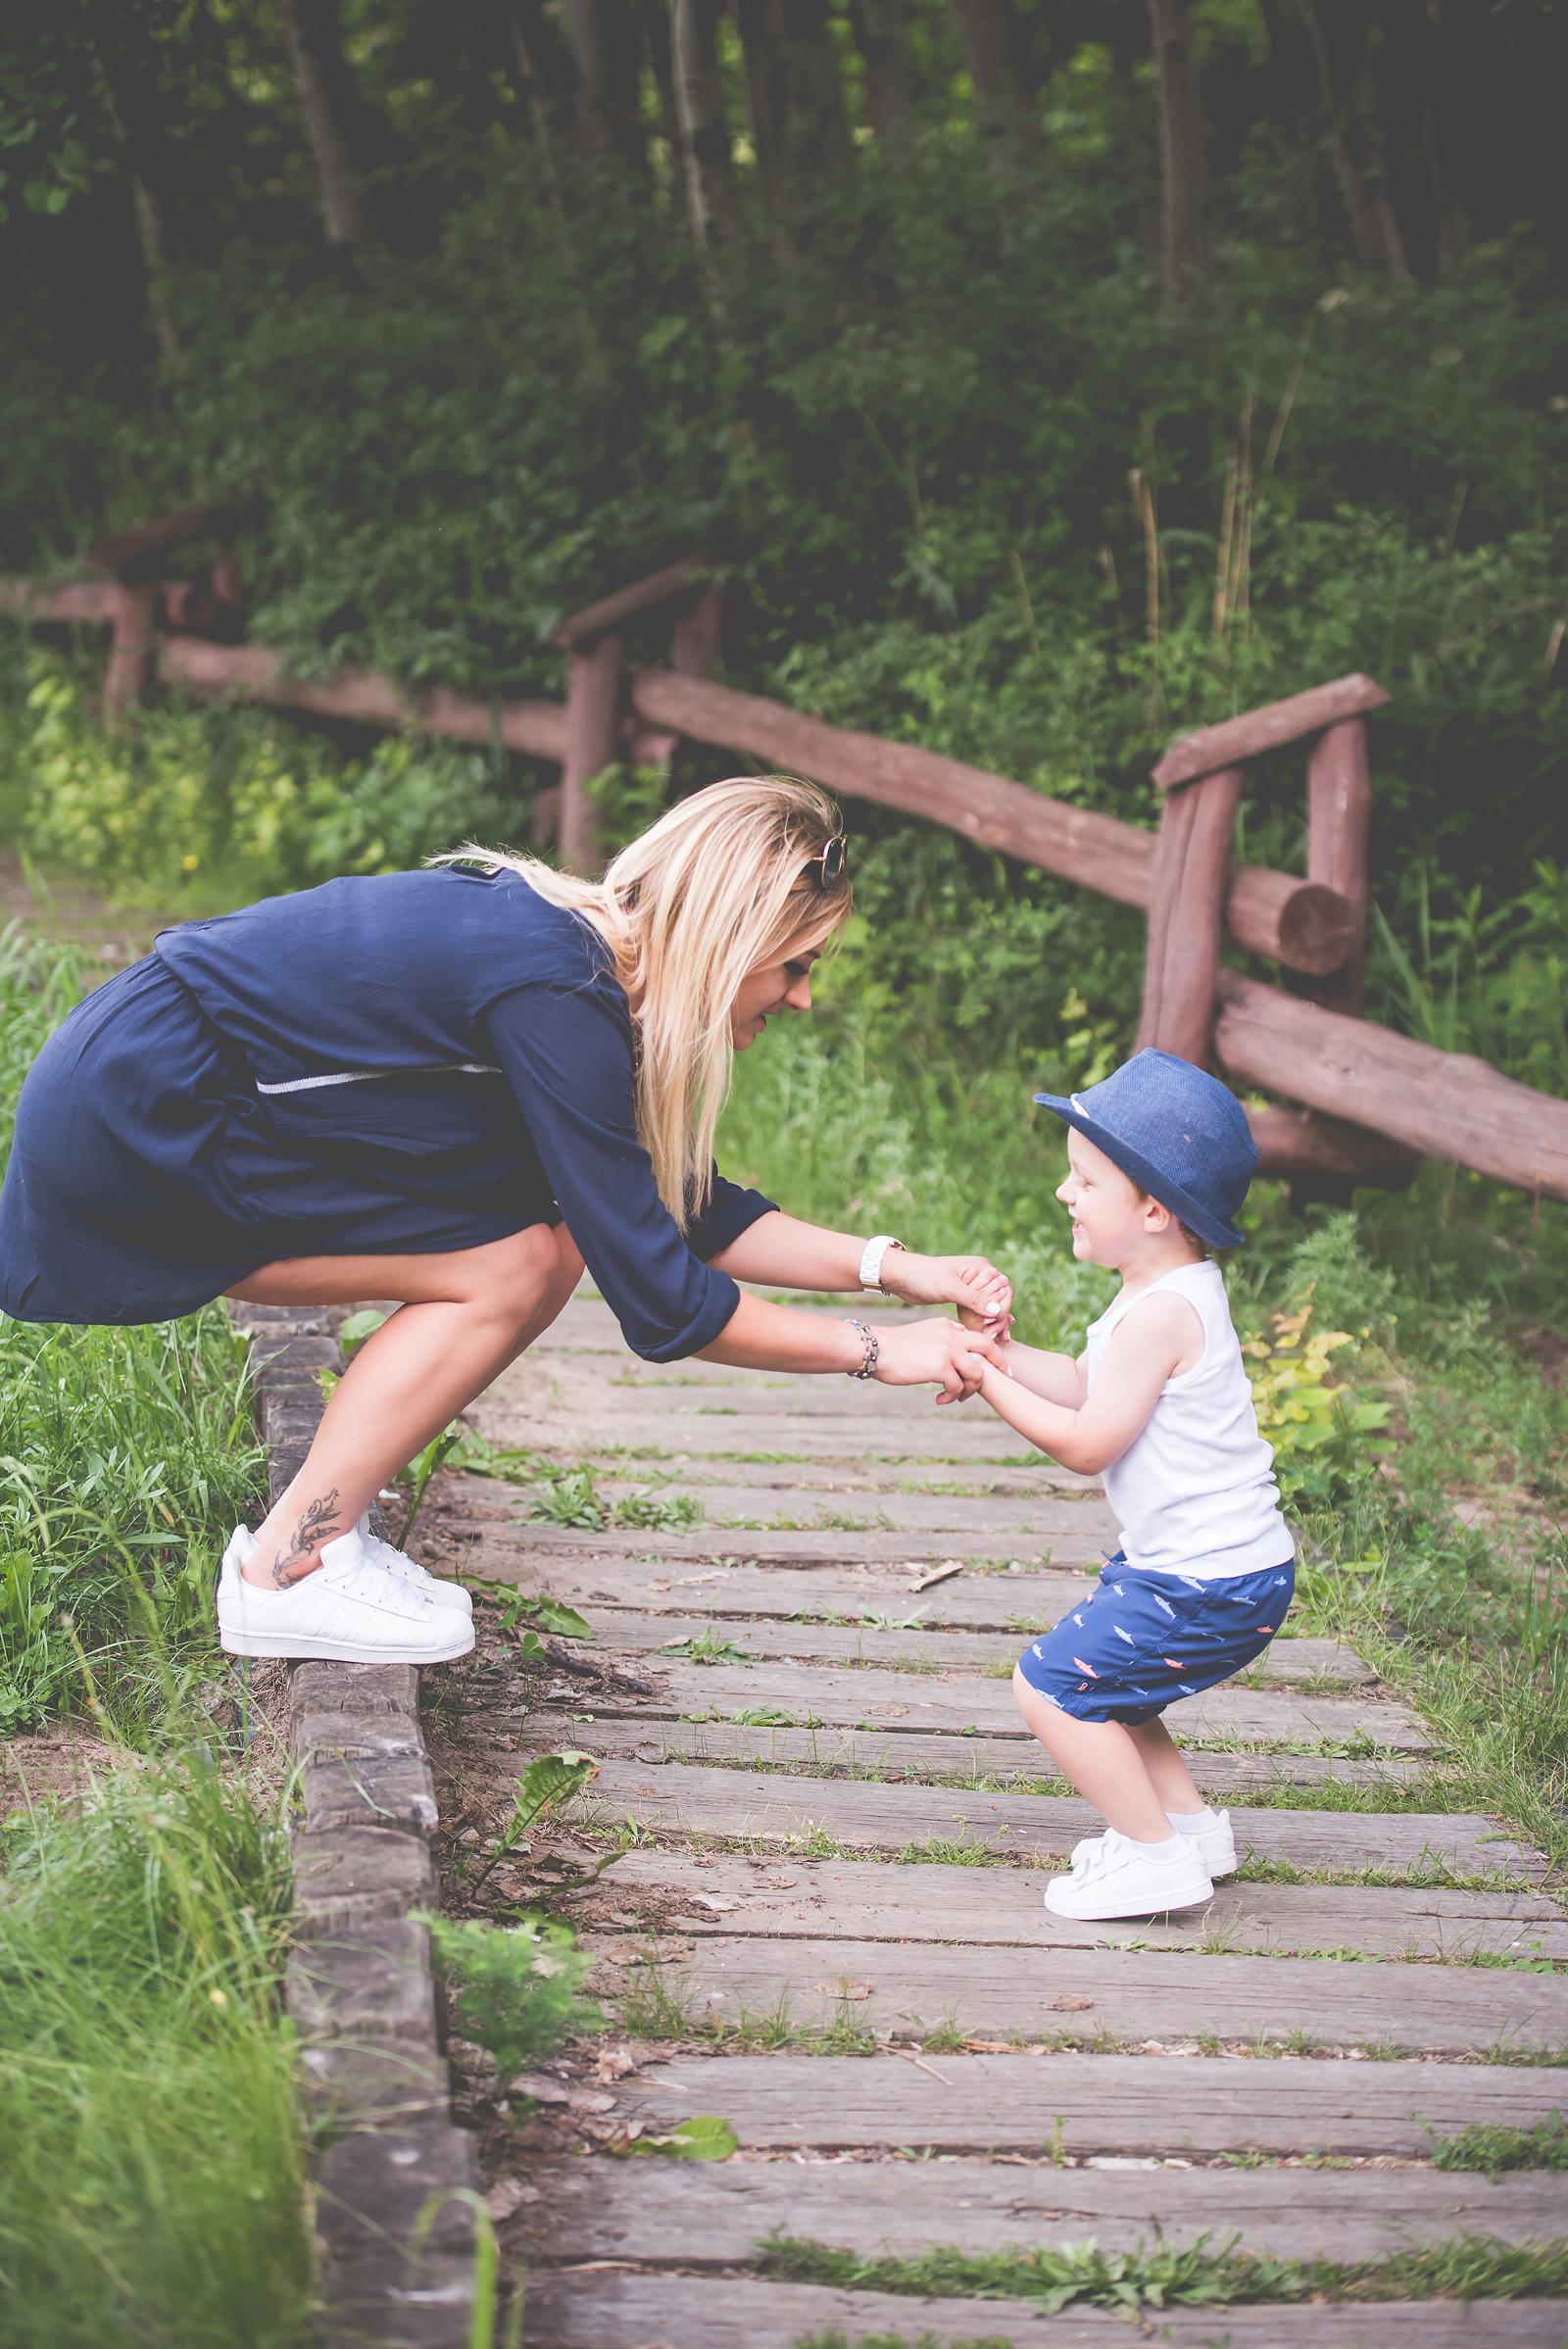 Blog Modowy Wedel Las Brodnowski Zalando Sukienka Boho GAP Adidas Superstar Blogerka Modowa00043